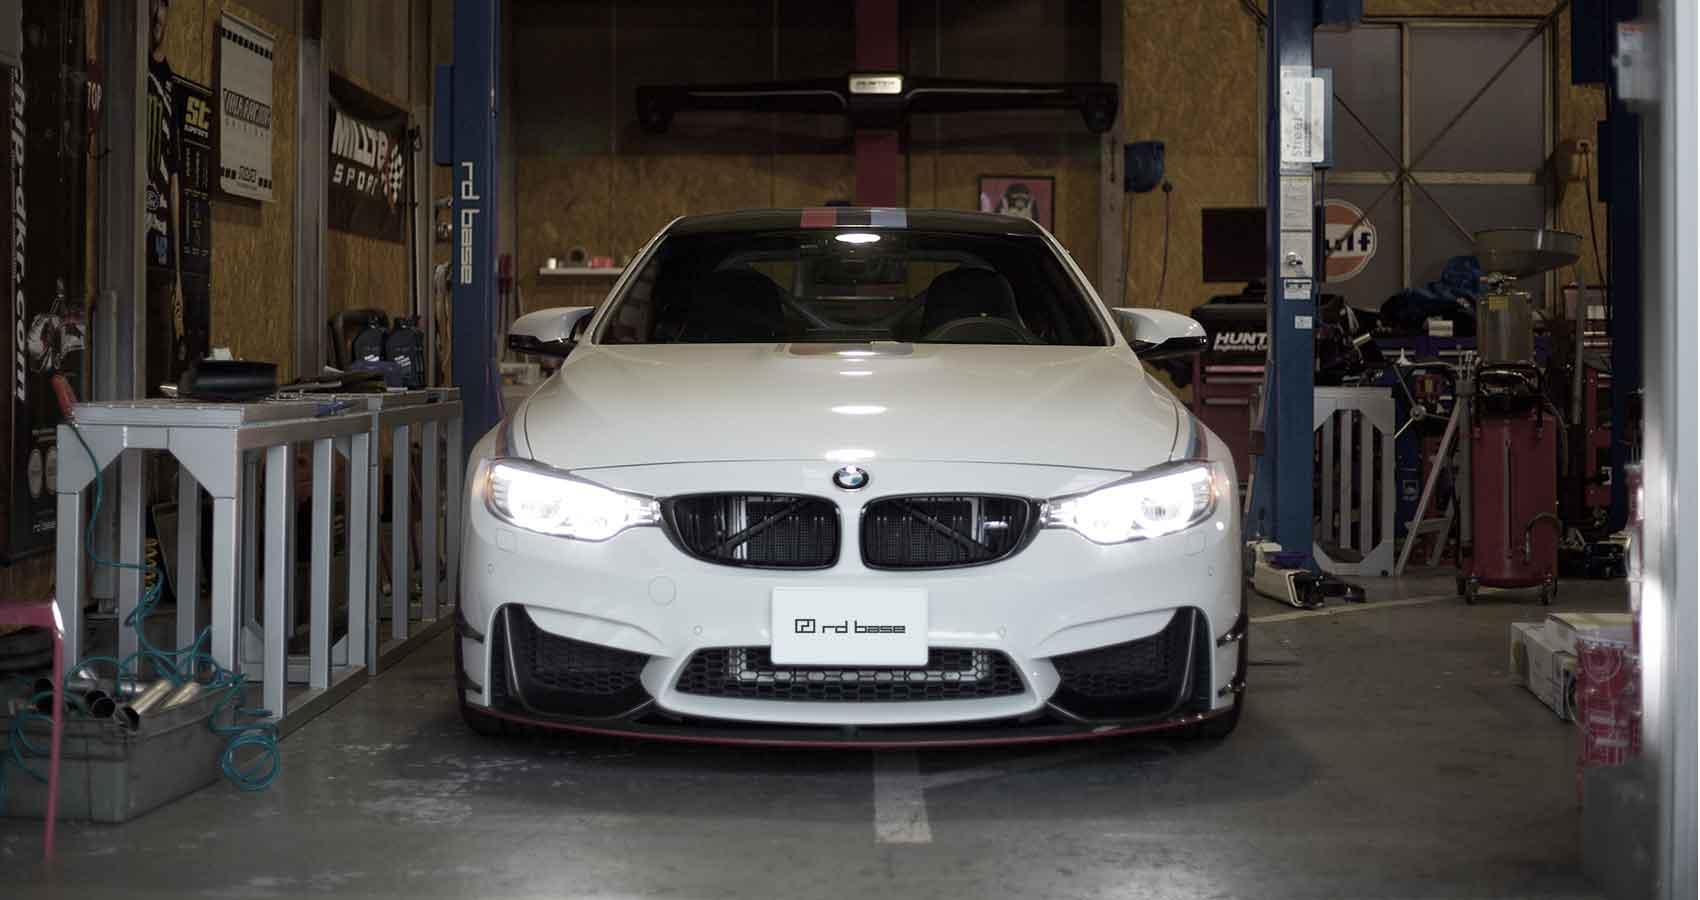 BMWのことならrdbaseまで